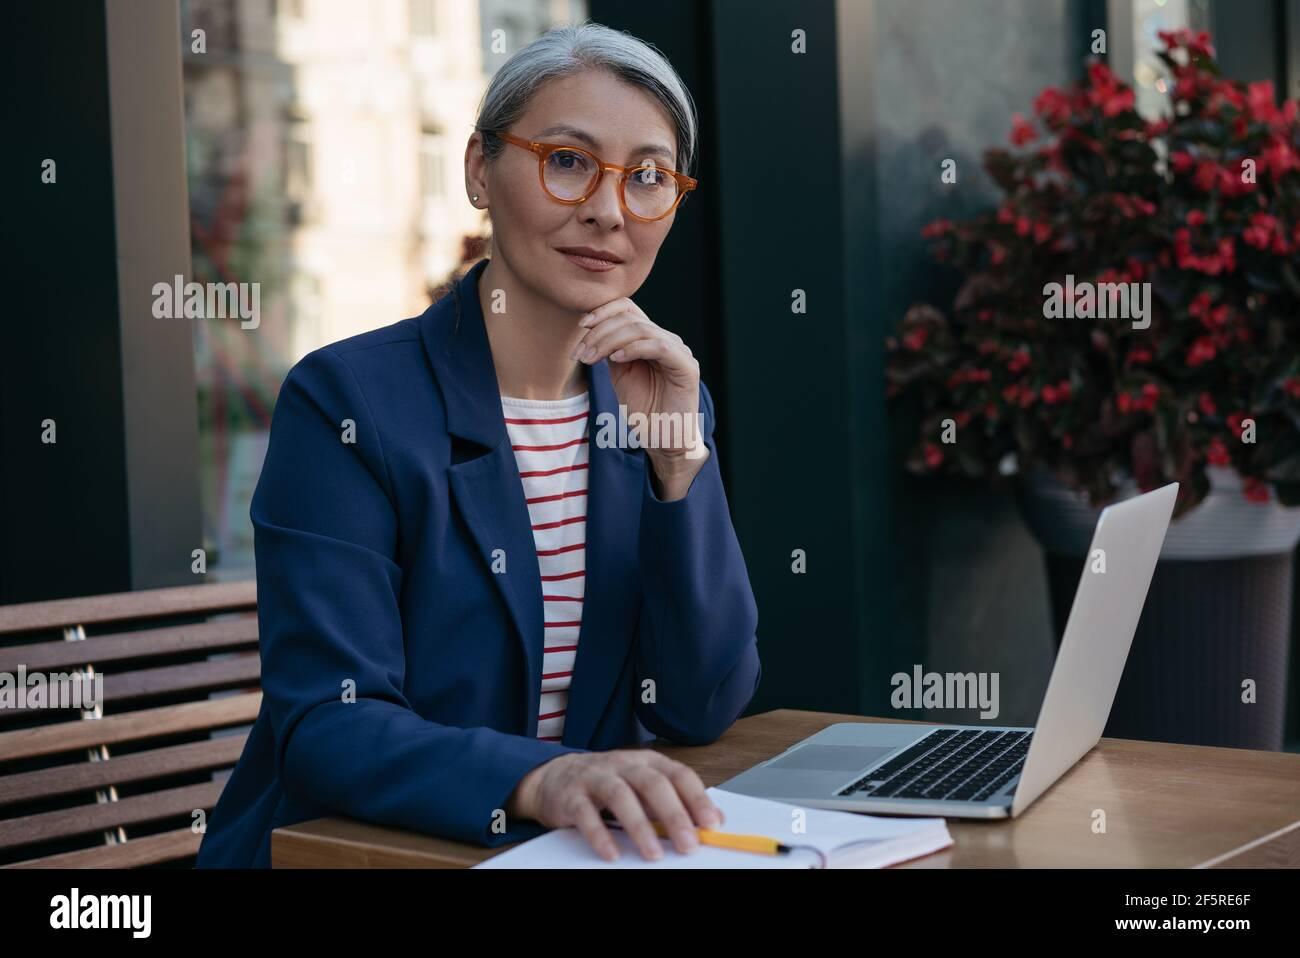 Femme d'affaires pensive et mûre regardant la caméra, assise sur le lieu de travail. Beau travailleur indépendant d'âge moyen, utilisant un ordinateur portable, projet de planification Banque D'Images